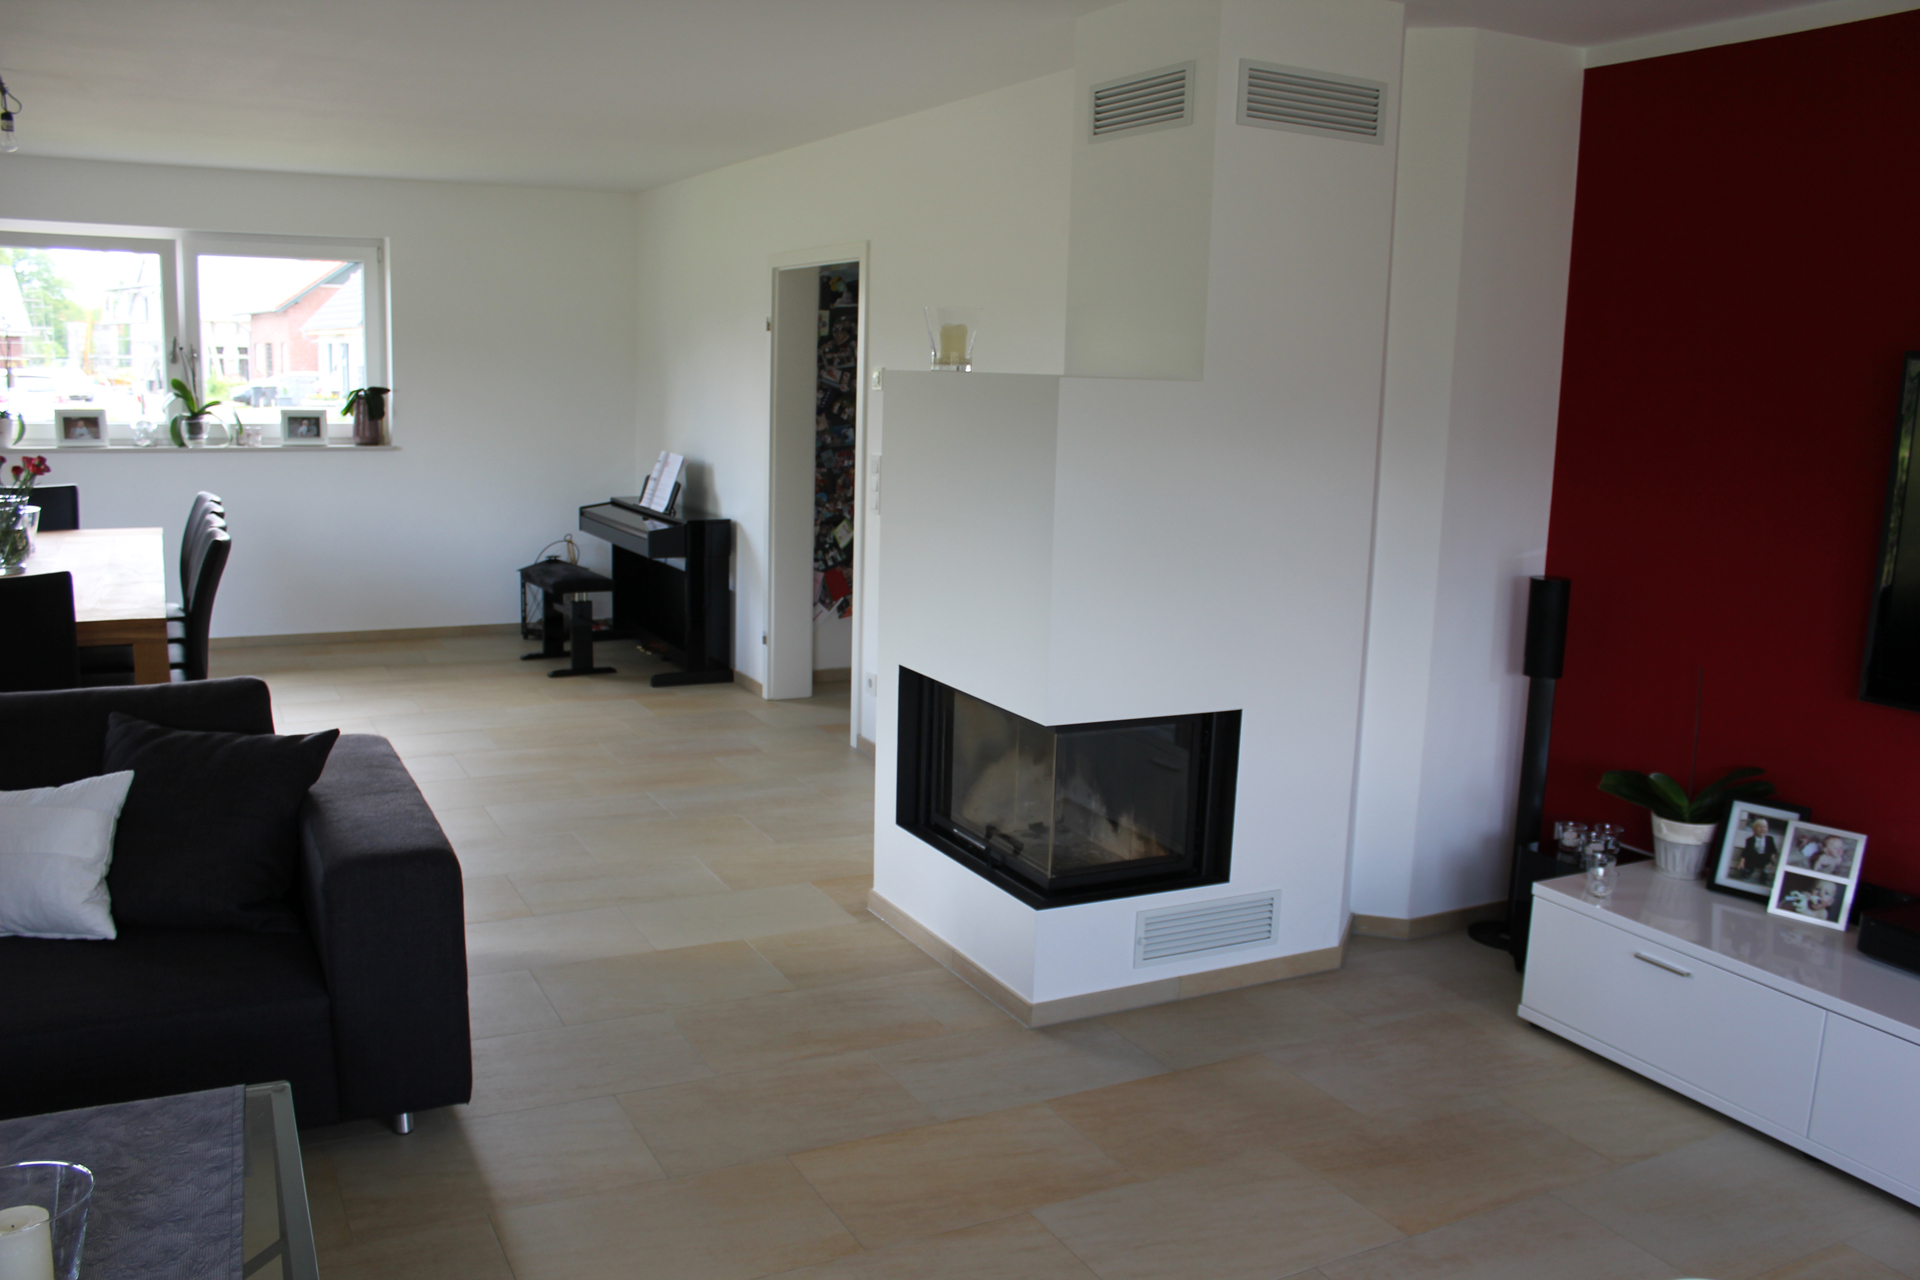 fliesen grau wohnzimmer beste inspiration f r home design. Black Bedroom Furniture Sets. Home Design Ideas